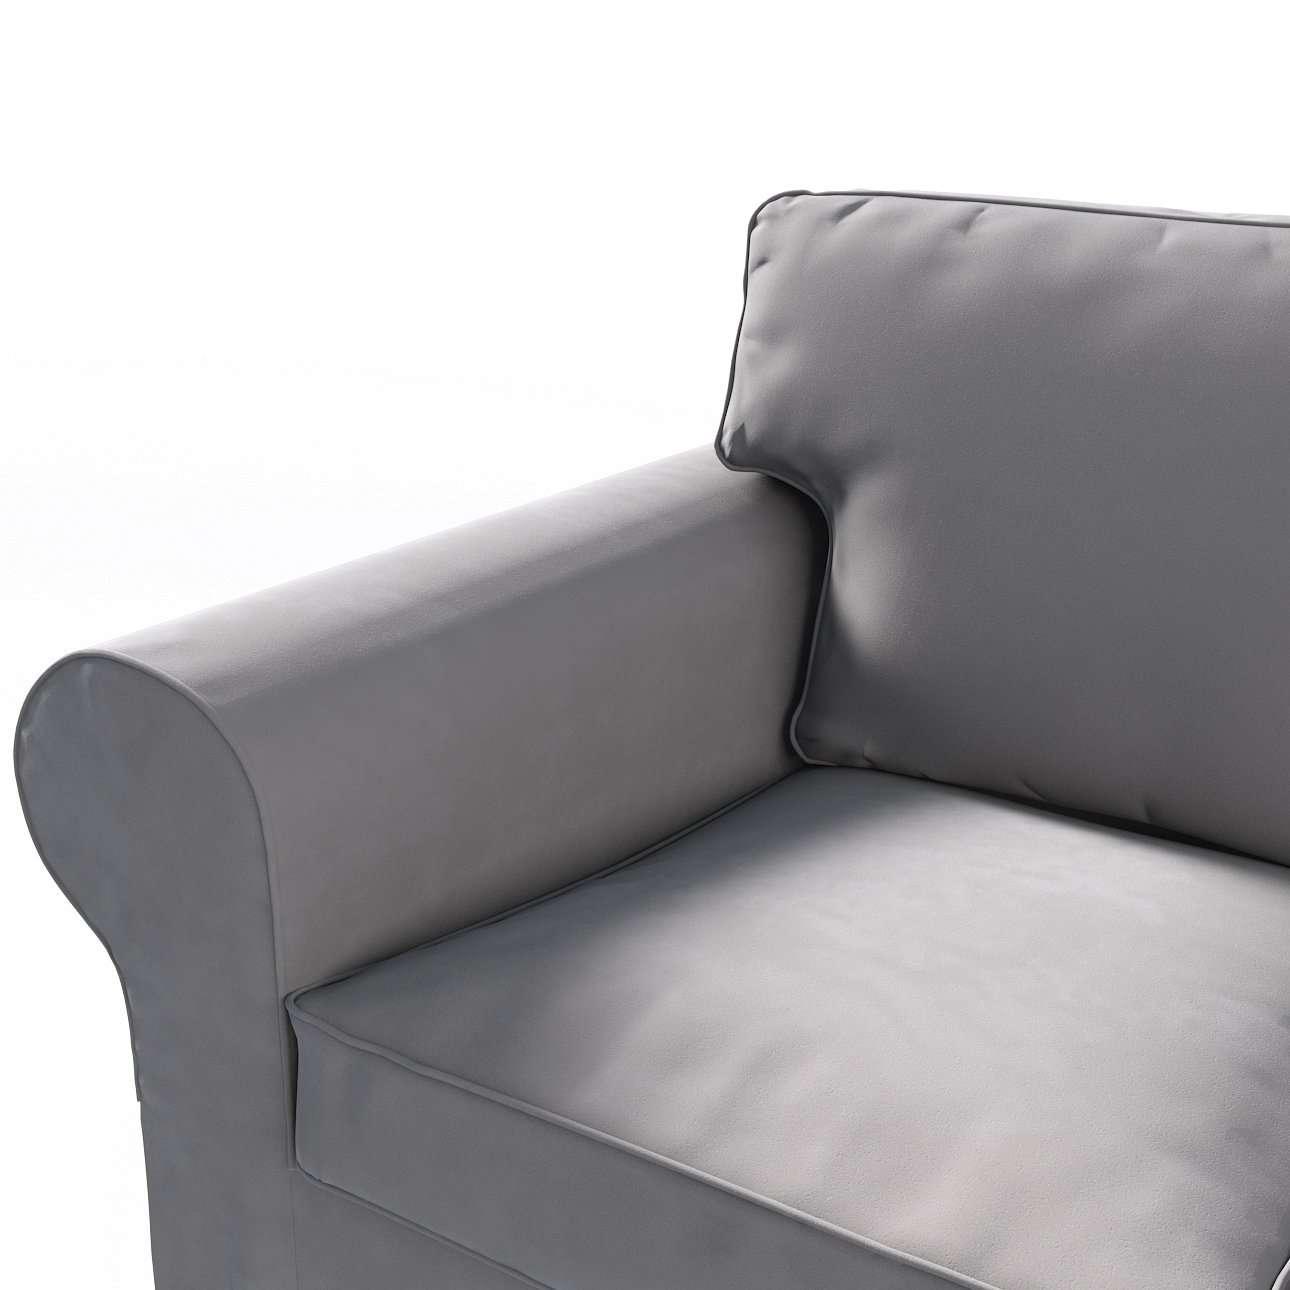 Pokrowiec na sofę Ektorp 3-osobową, rozkładaną w kolekcji Velvet, tkanina: 704-11